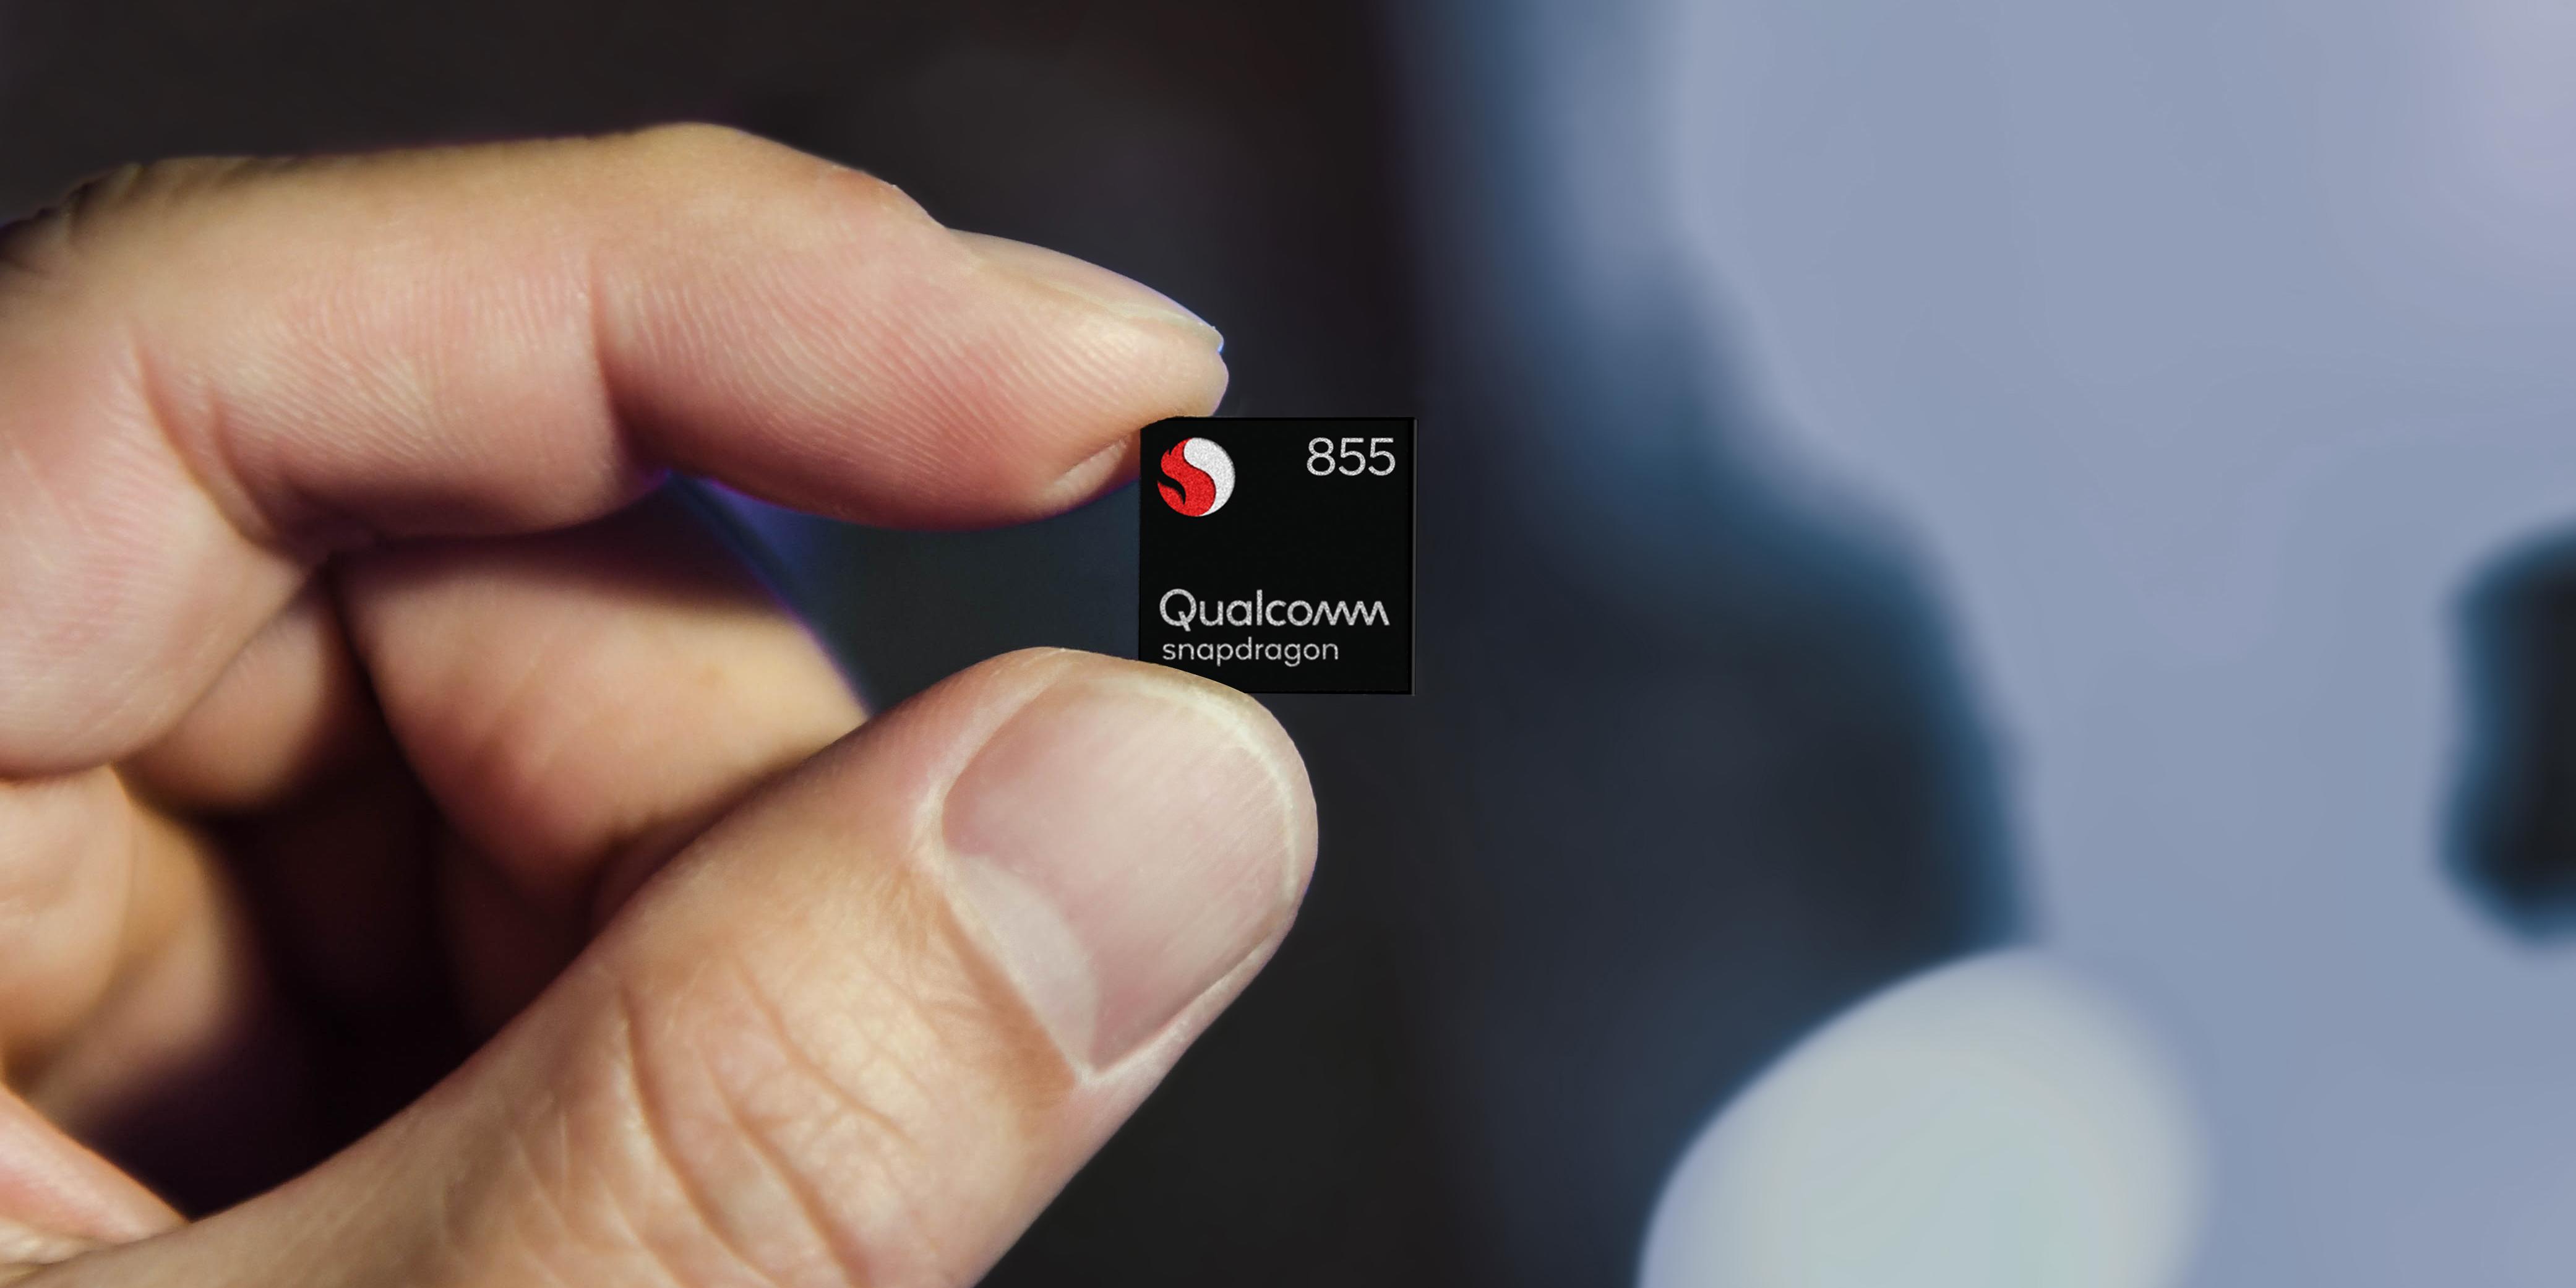 Die Snapdragon 855 Benchmarks zeigen eine vielversprechende Plattform für die diesjährigen Android-Flaggschiffe